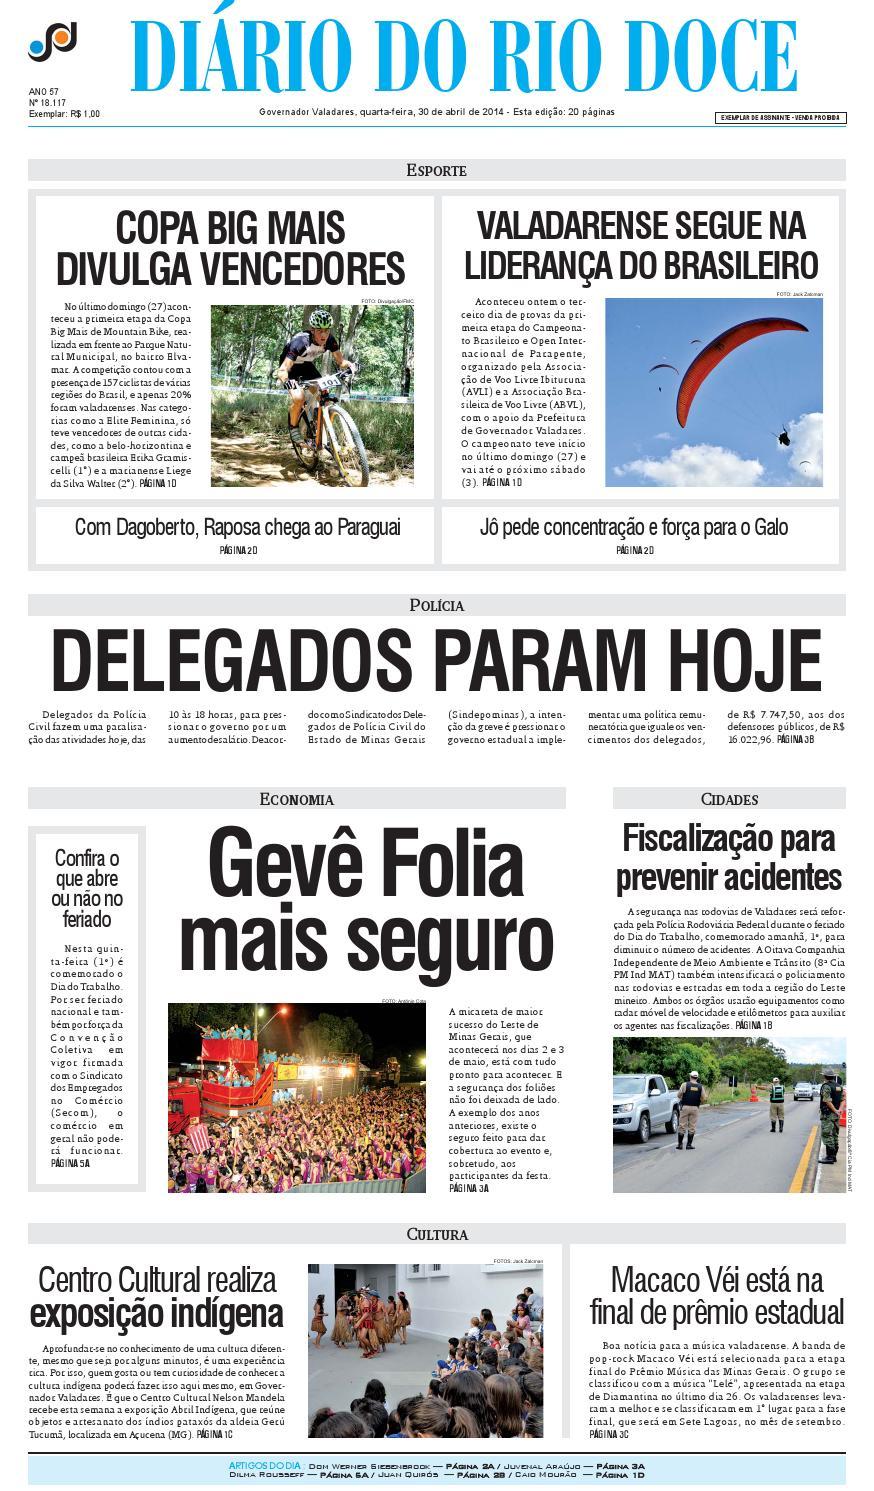 564544d60e Diário do Rio Doce - Edição 30 04 2014 by Diário do Rio Doce - issuu